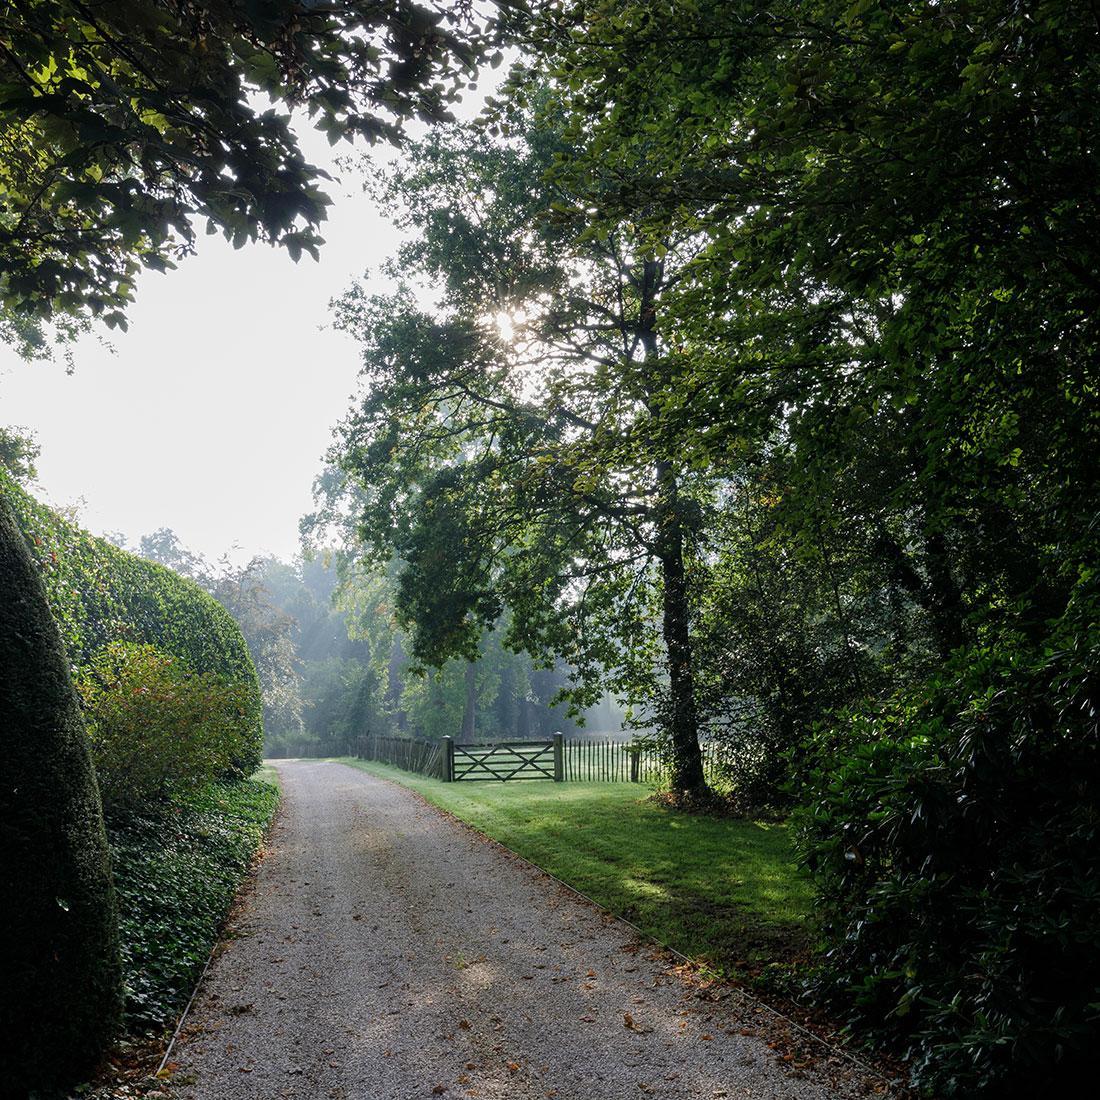 177-kasteeltuin-villatuin-multibat-topiary-carpinus-fagus-oprijlaan-natuur-natural-tuinarchitect-tuinontwerp-63.jpg